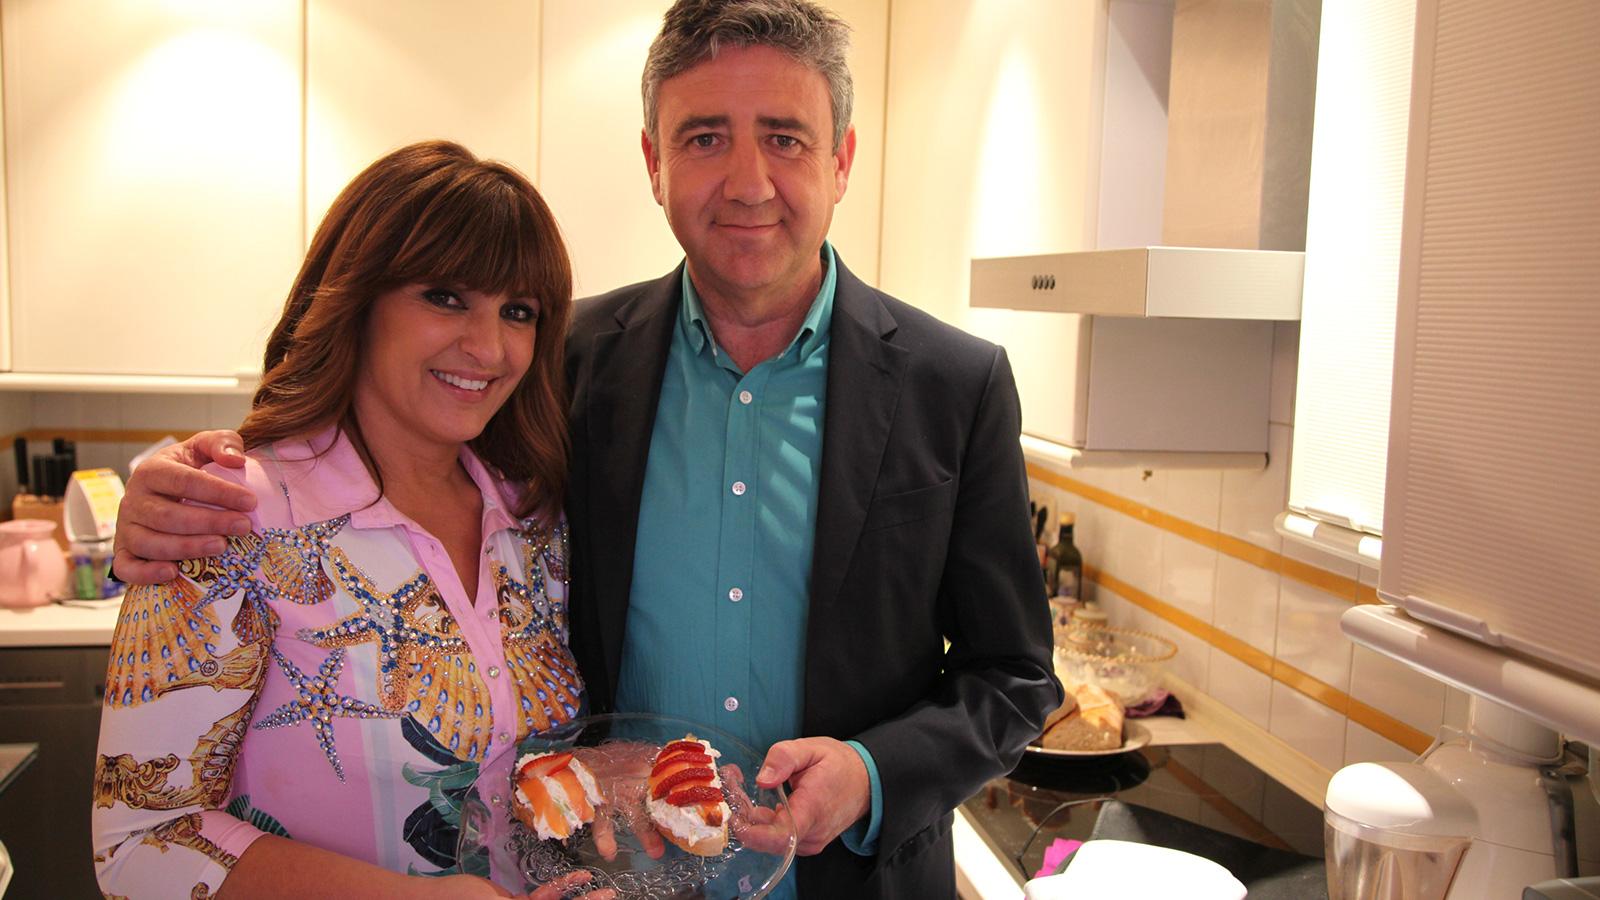 Beatriz cort zar cocineros canal cocina - Canal cocina cocineros ...